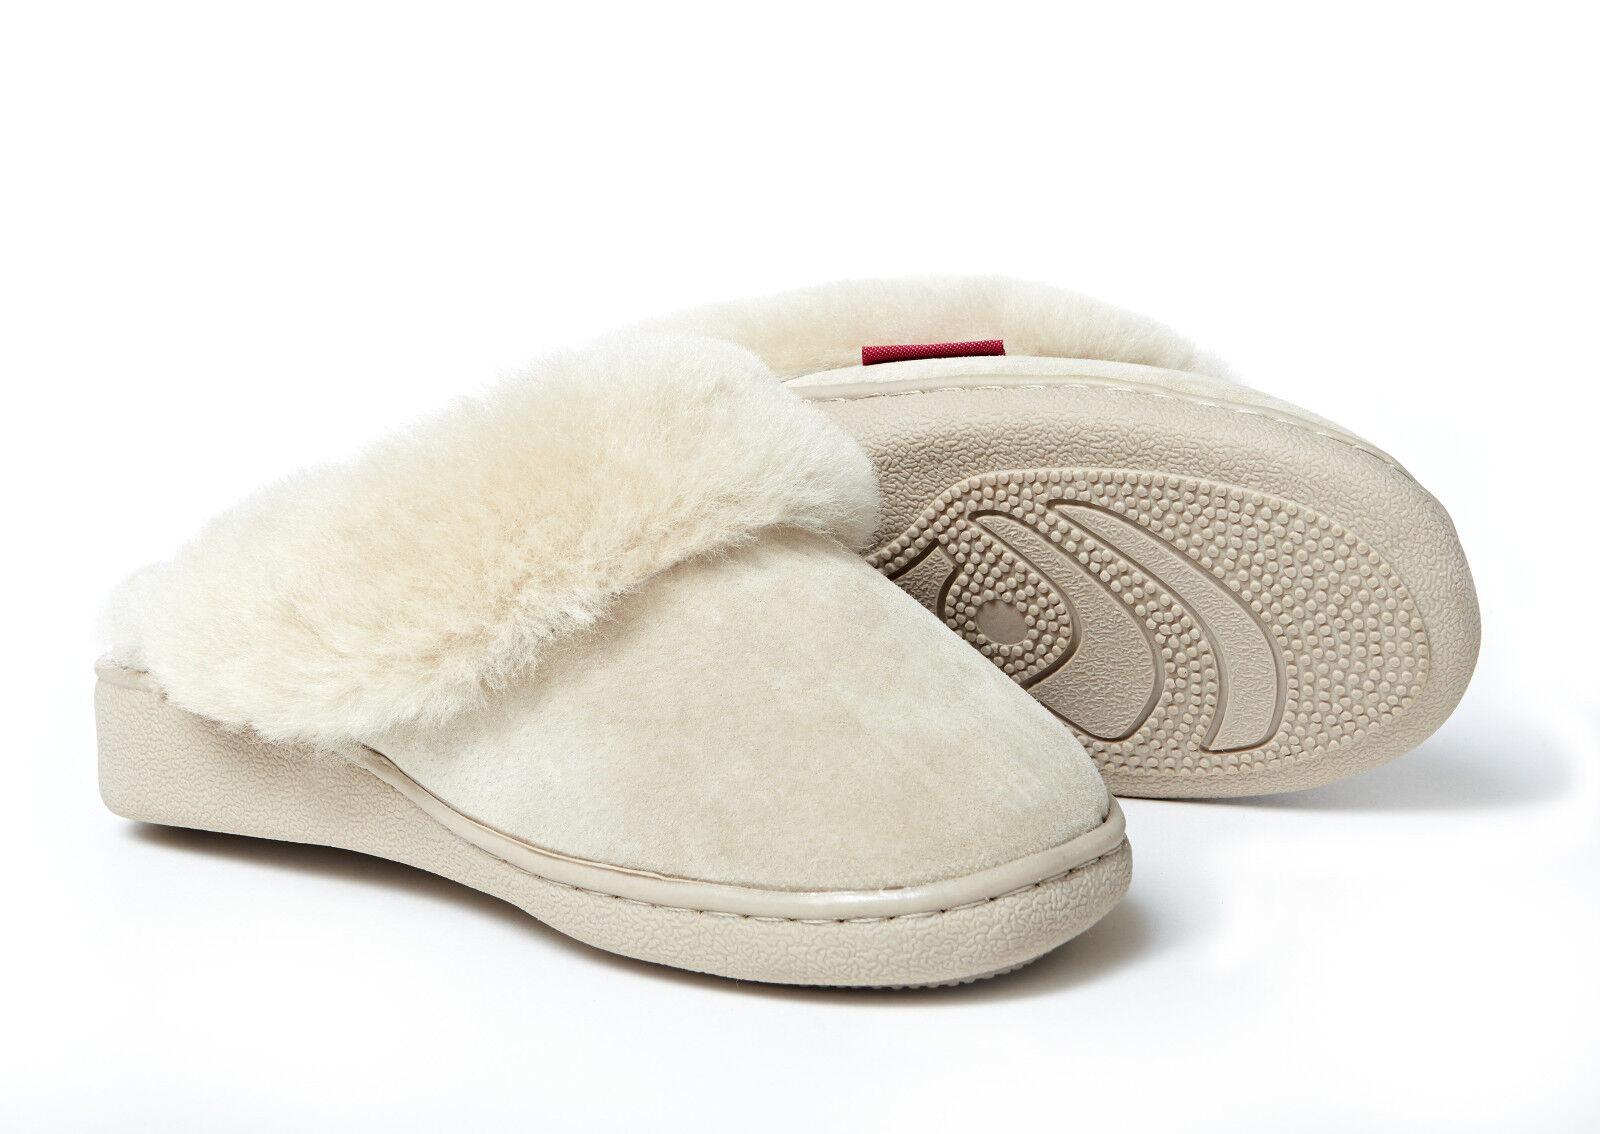 Lammfell Pantoffeln Damen Korfu richtig warme Hausschuhe Damen Pantoffeln Herren Fell 36-48 12e1b8